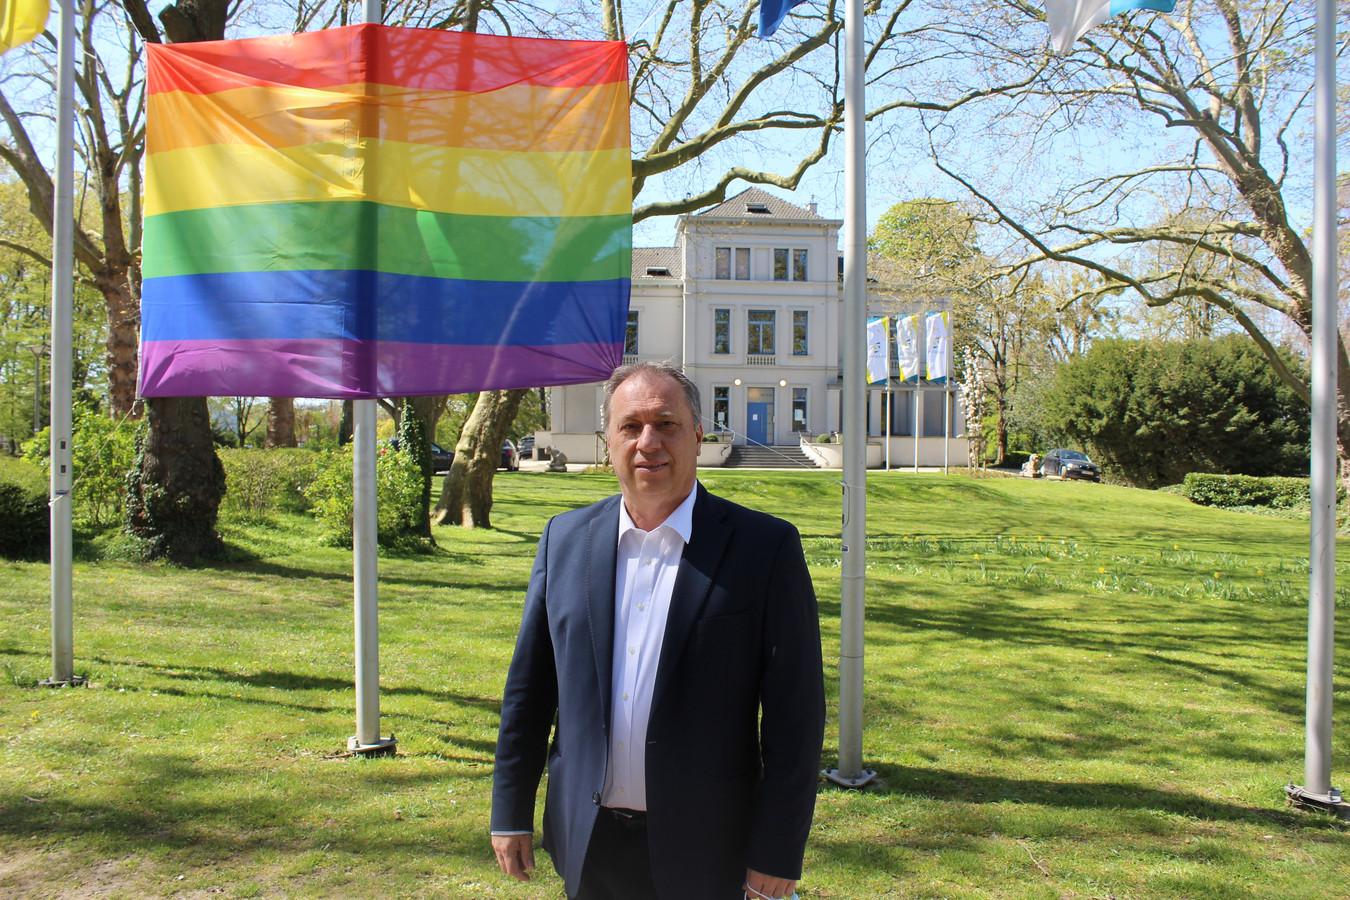 Schepen Dirk Philips bij de regenboogvlag die elk jaar op 17 mei opgehangen wordt in Zaventem. Binnenkort komen er ook regenboogzebrapaden in de luchthavengemeente.